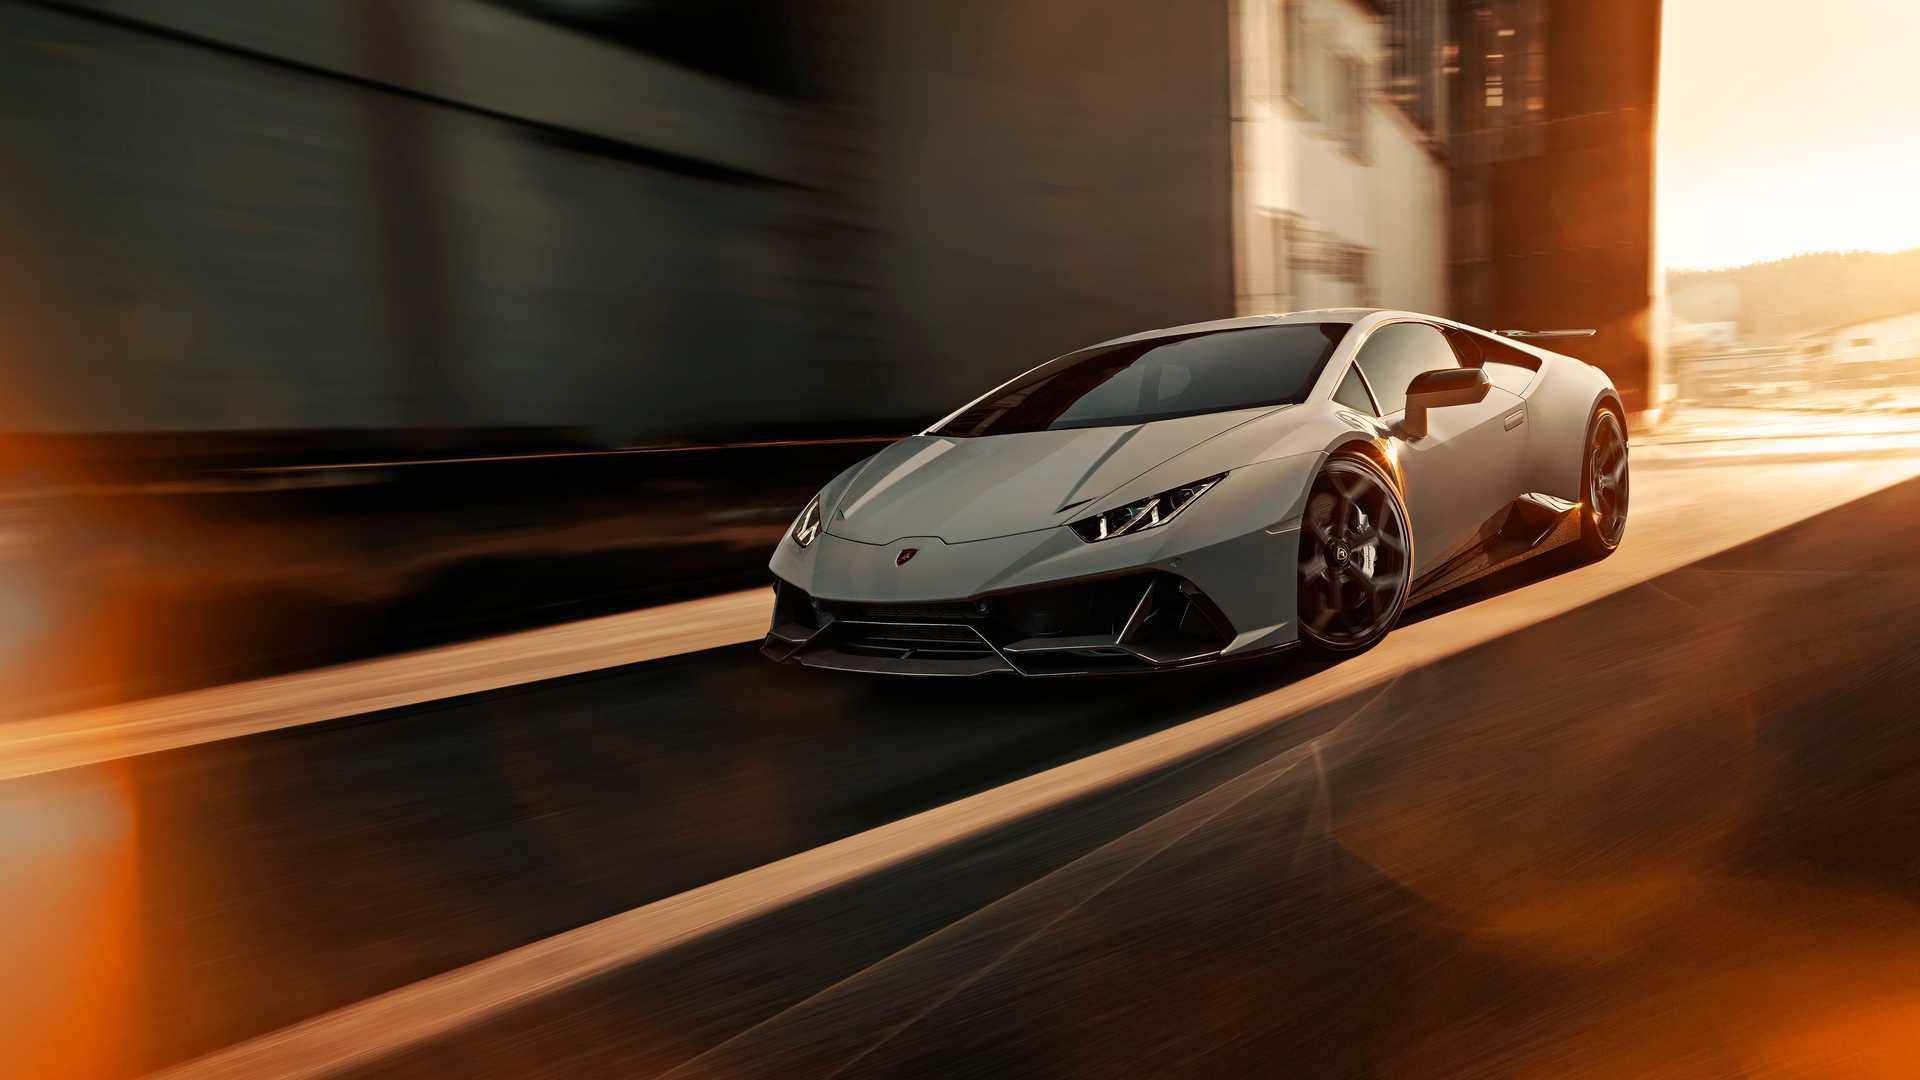 Lamborghini Huracan Evo by Novitec